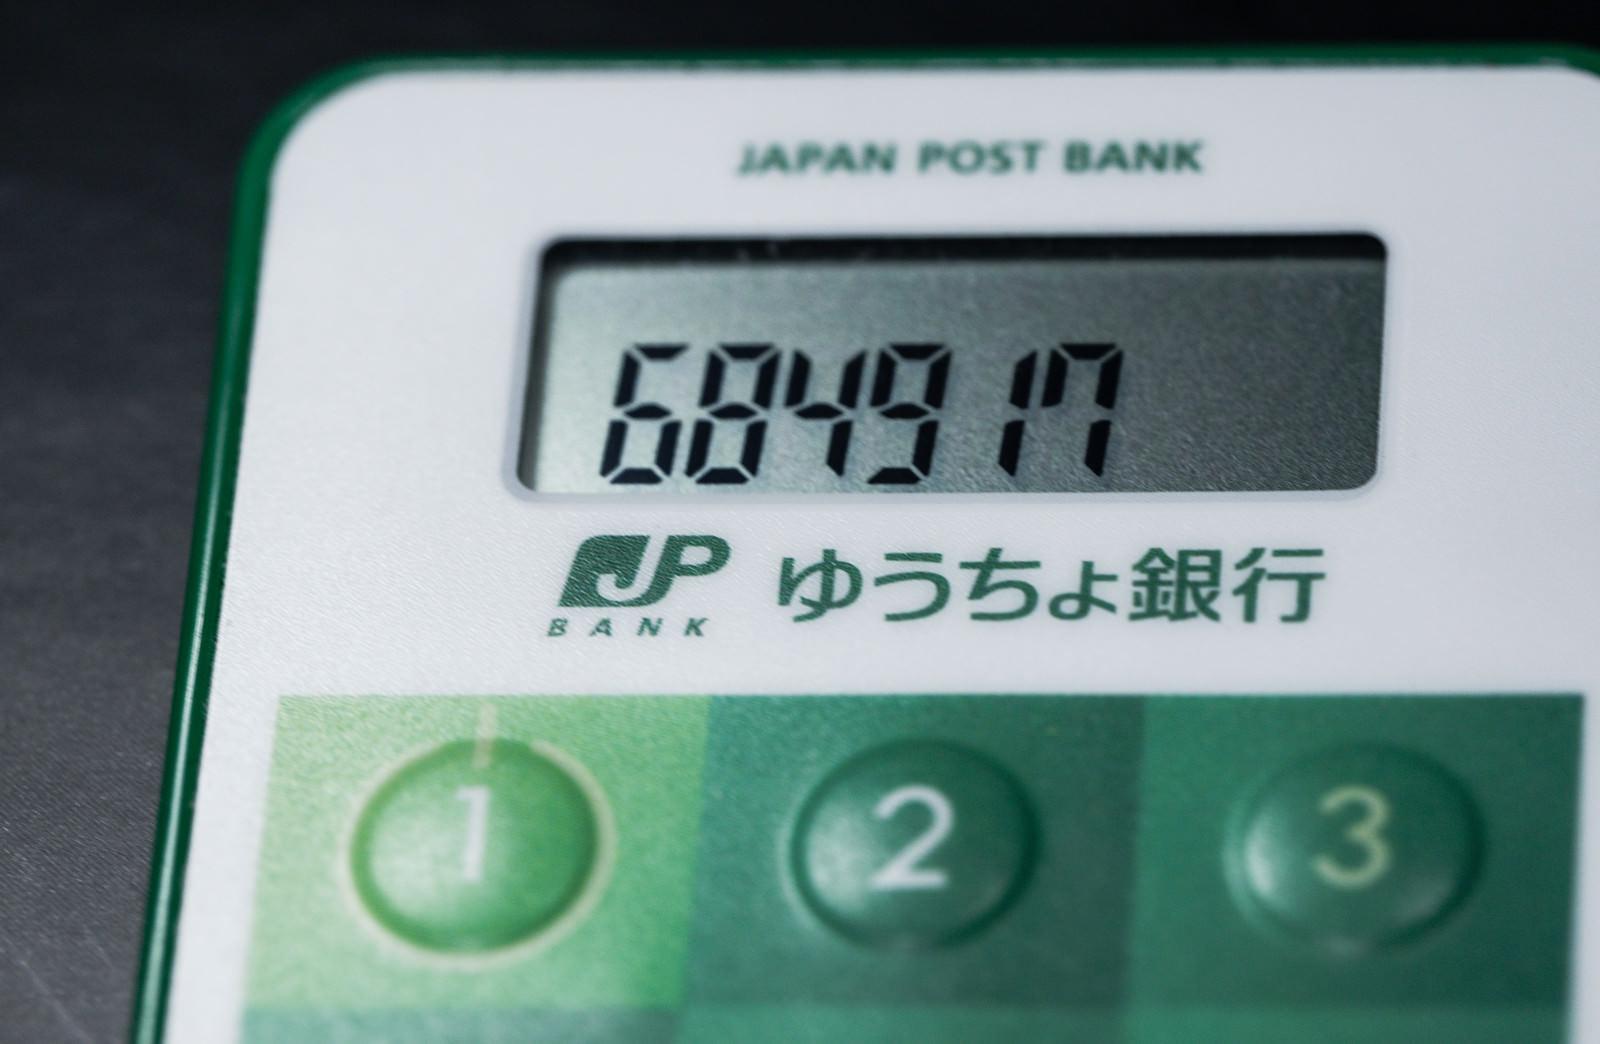 「ワンタイムパスワード上に表示された6桁の番号」の写真